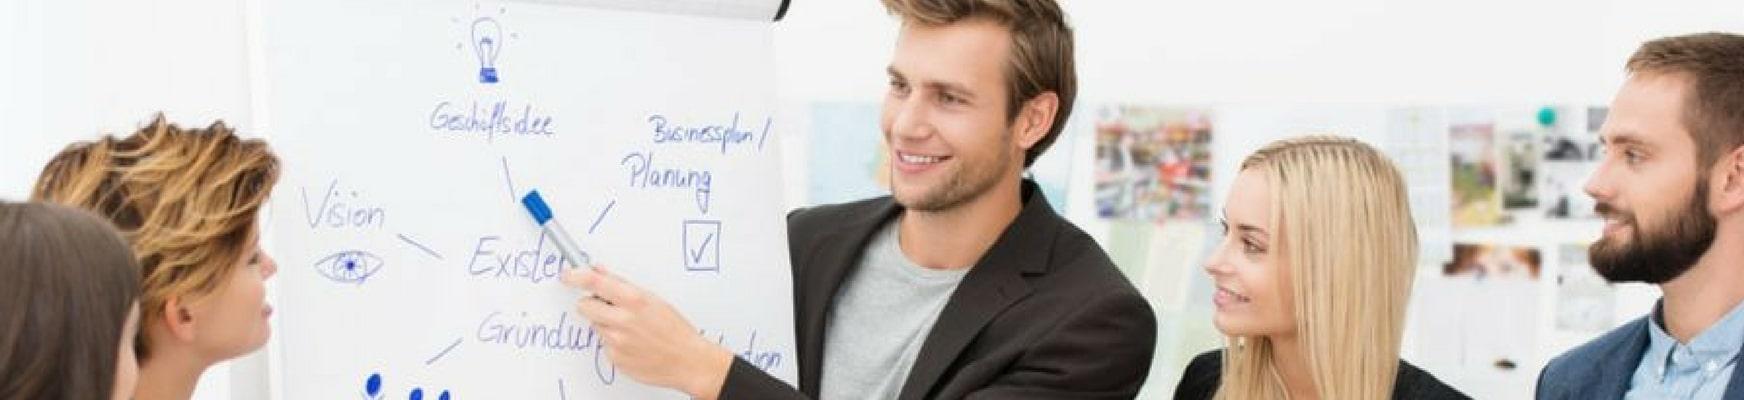 develop a fintech startup (1)